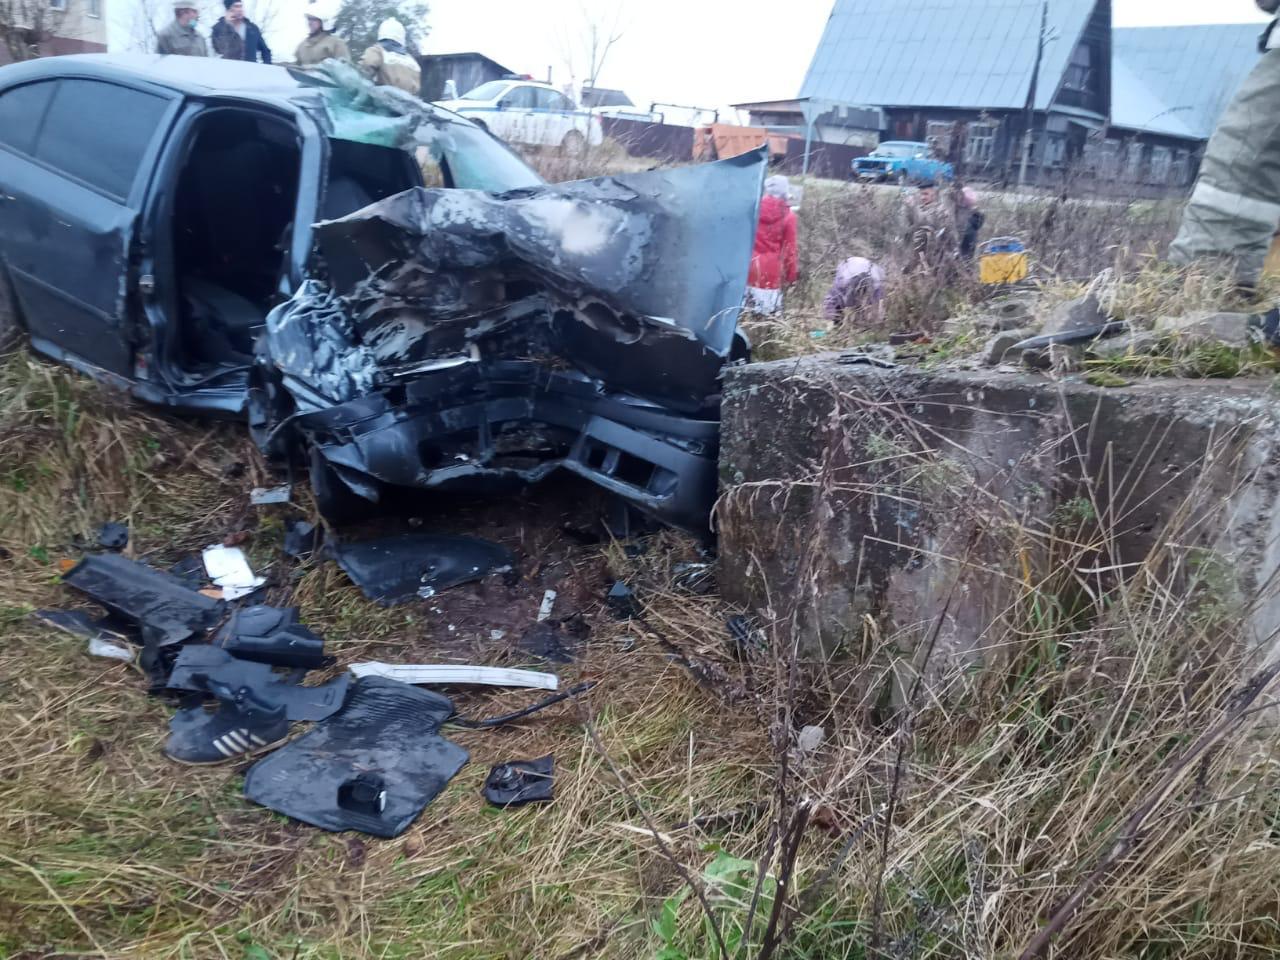 Skoda протаранила бетонные блоки в Тверской области, есть пострадавшие